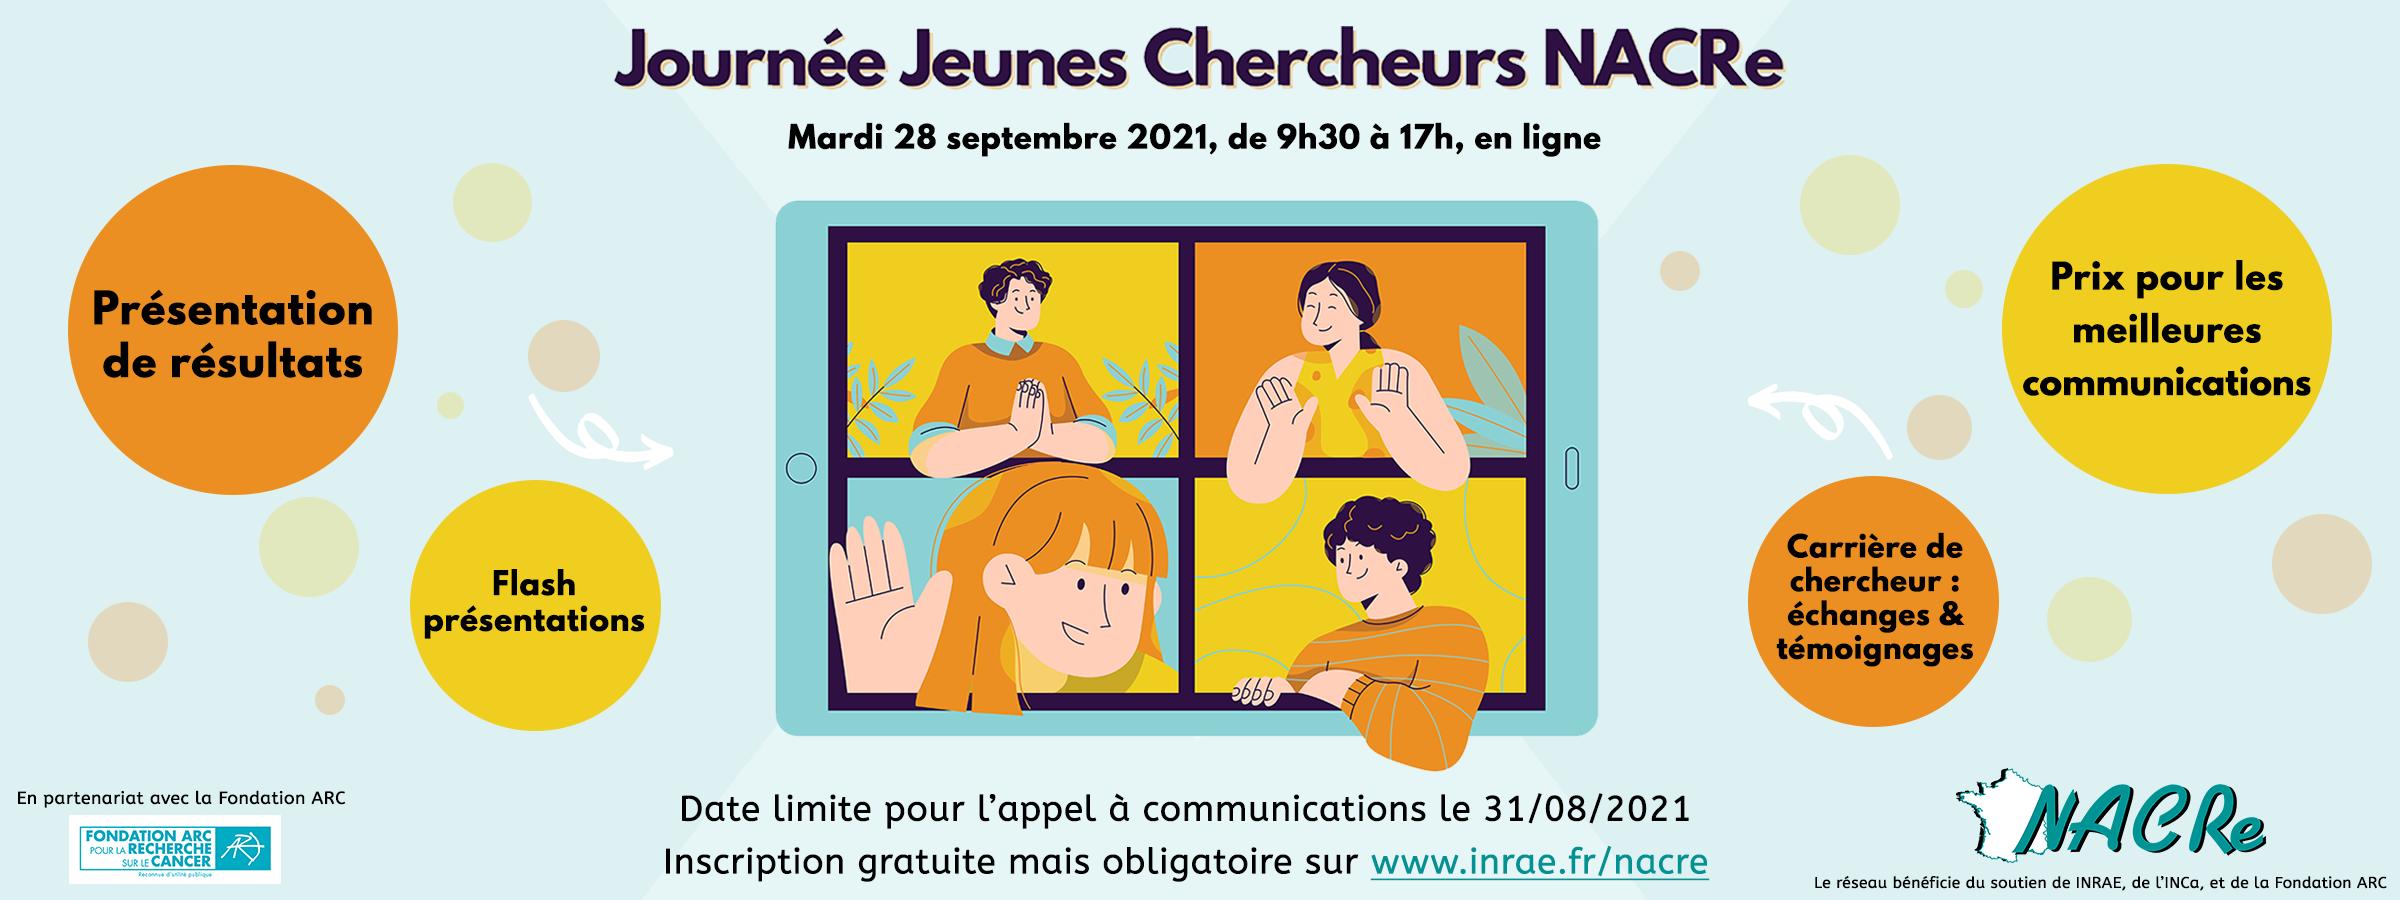 Bandeau_Journée Jeunes Chercheurs NACRe 2021